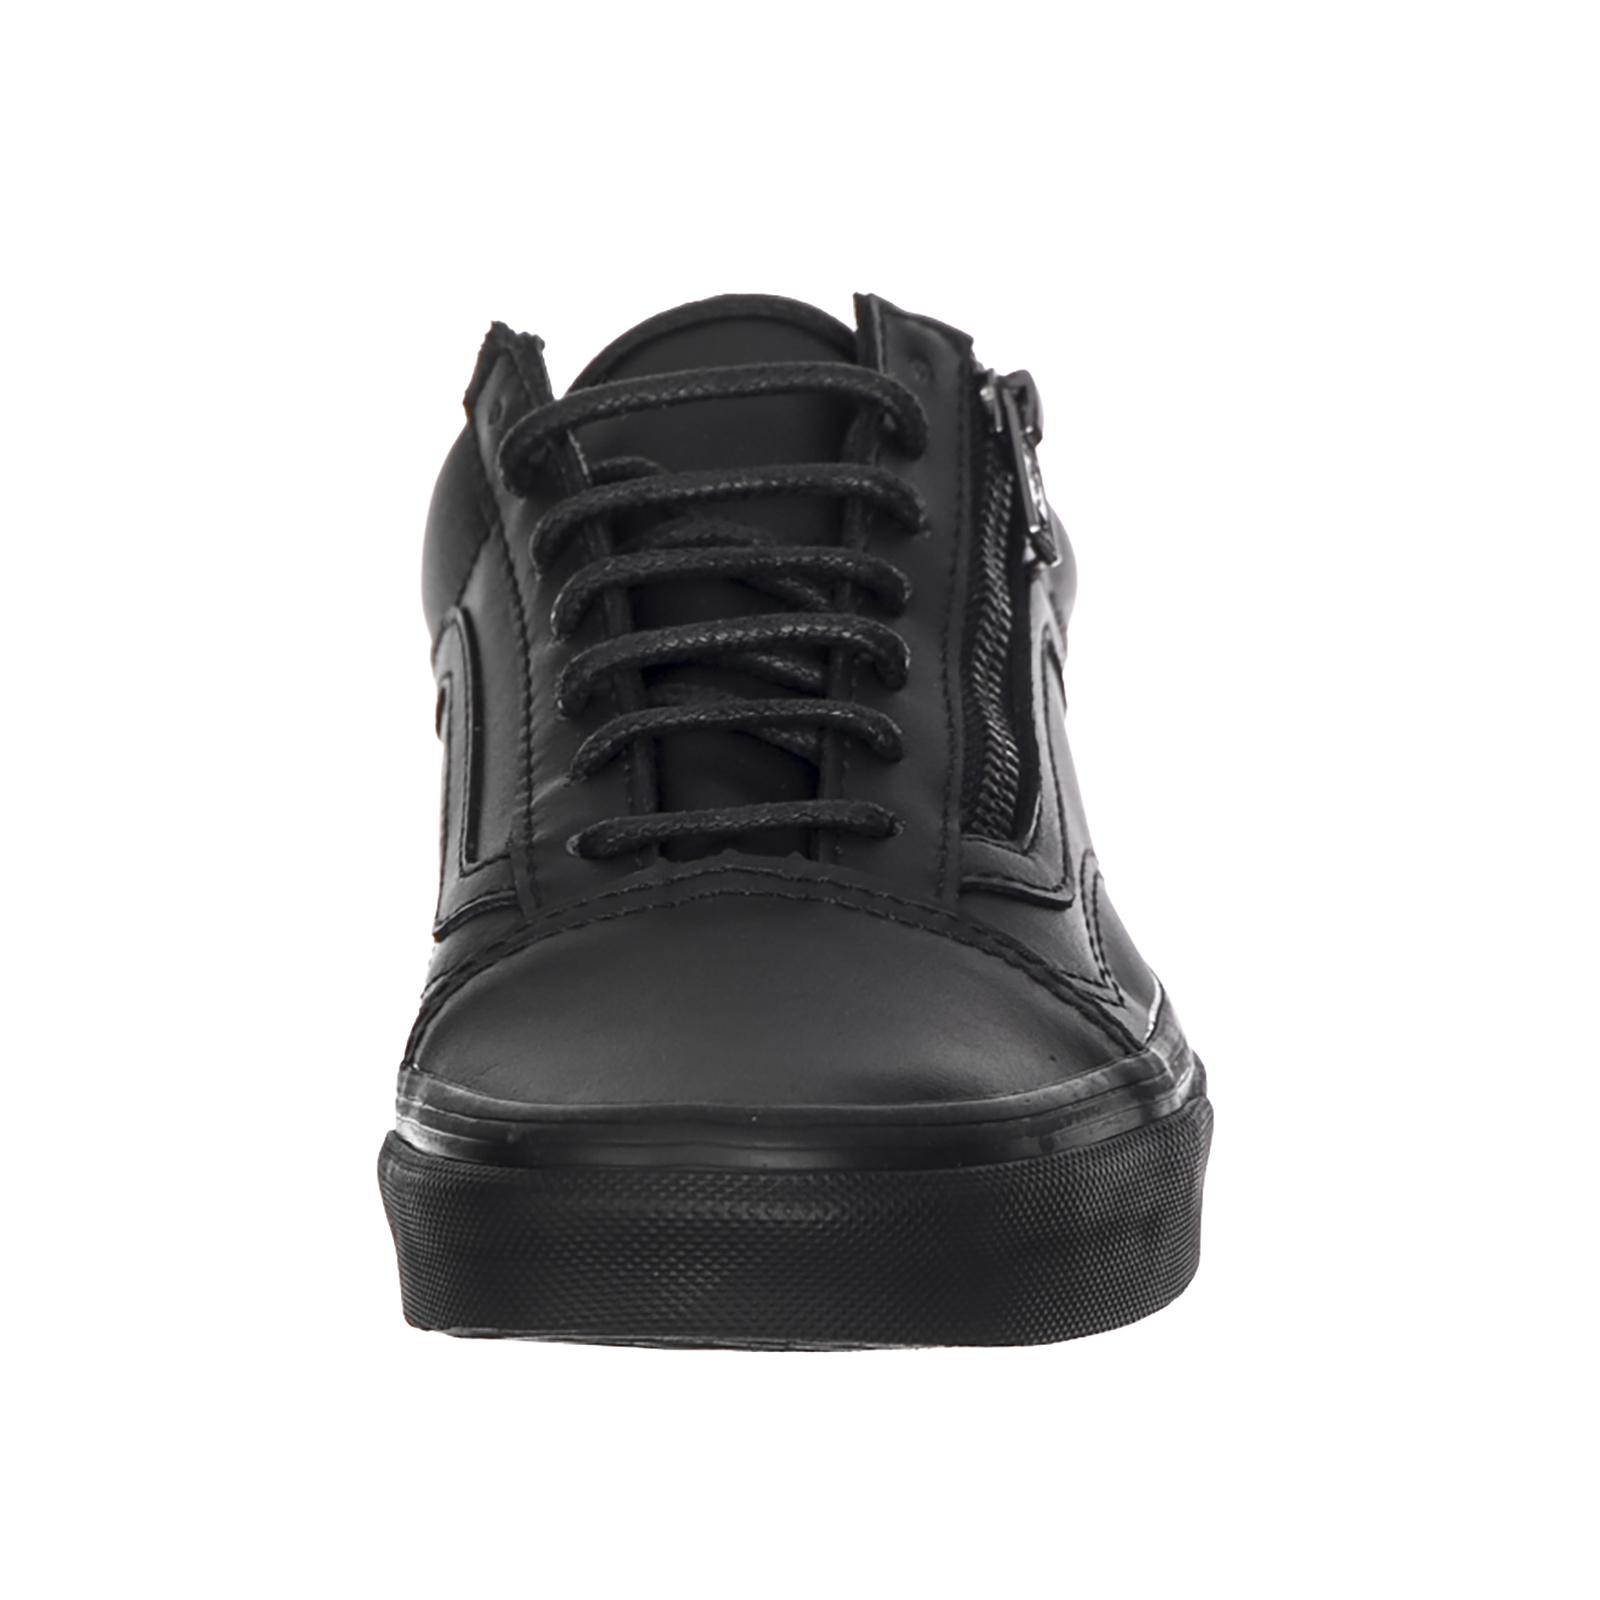 U Old Sneakers Skool Vans gunmetal Blac Zip ZwAqZd5x